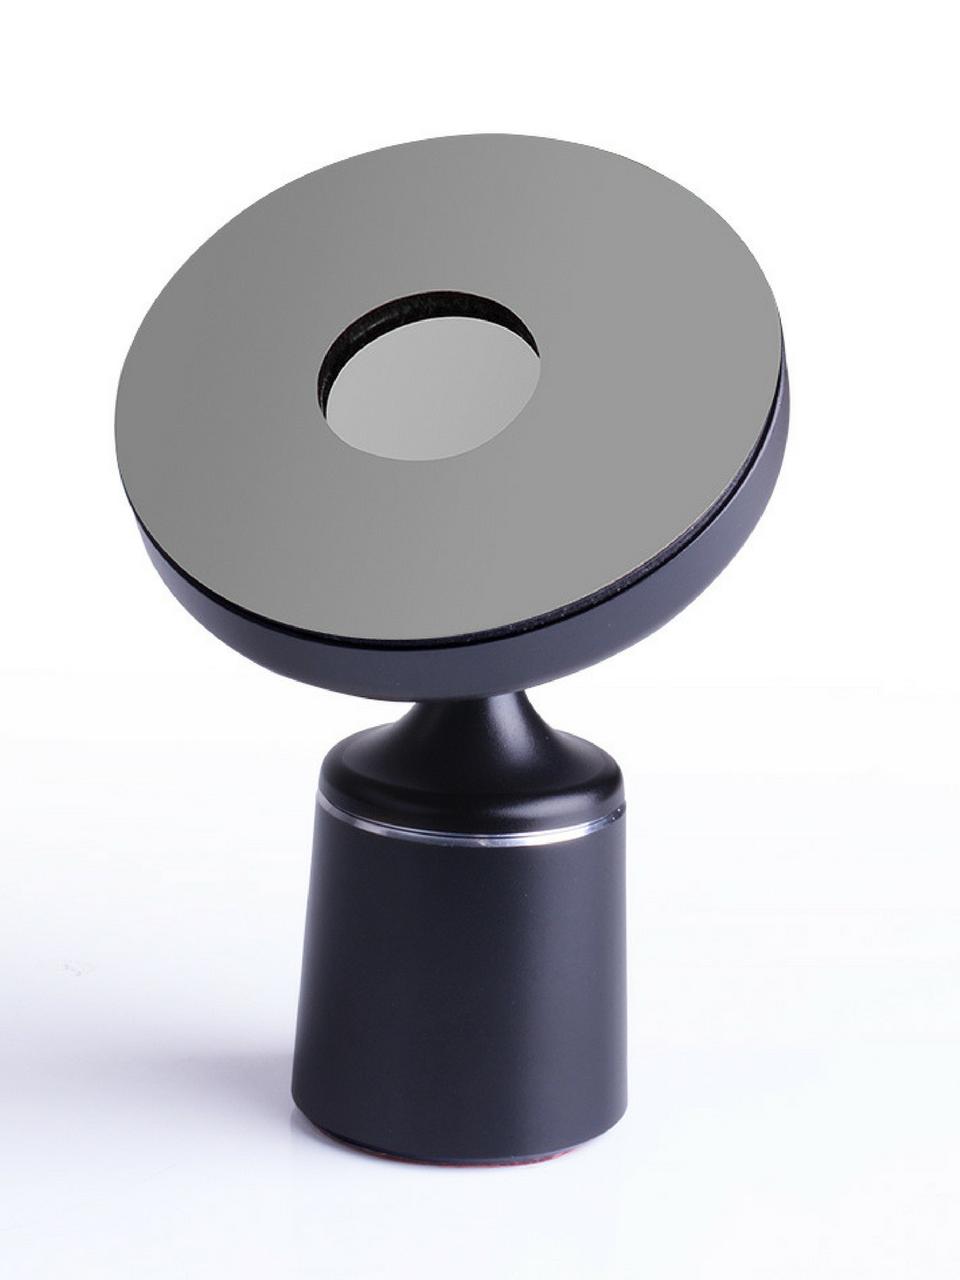 Беспроводное зарядное устройство ADENKI автомобильная беспроводная зарядка с технологией NANO-липучки(SUN0505)